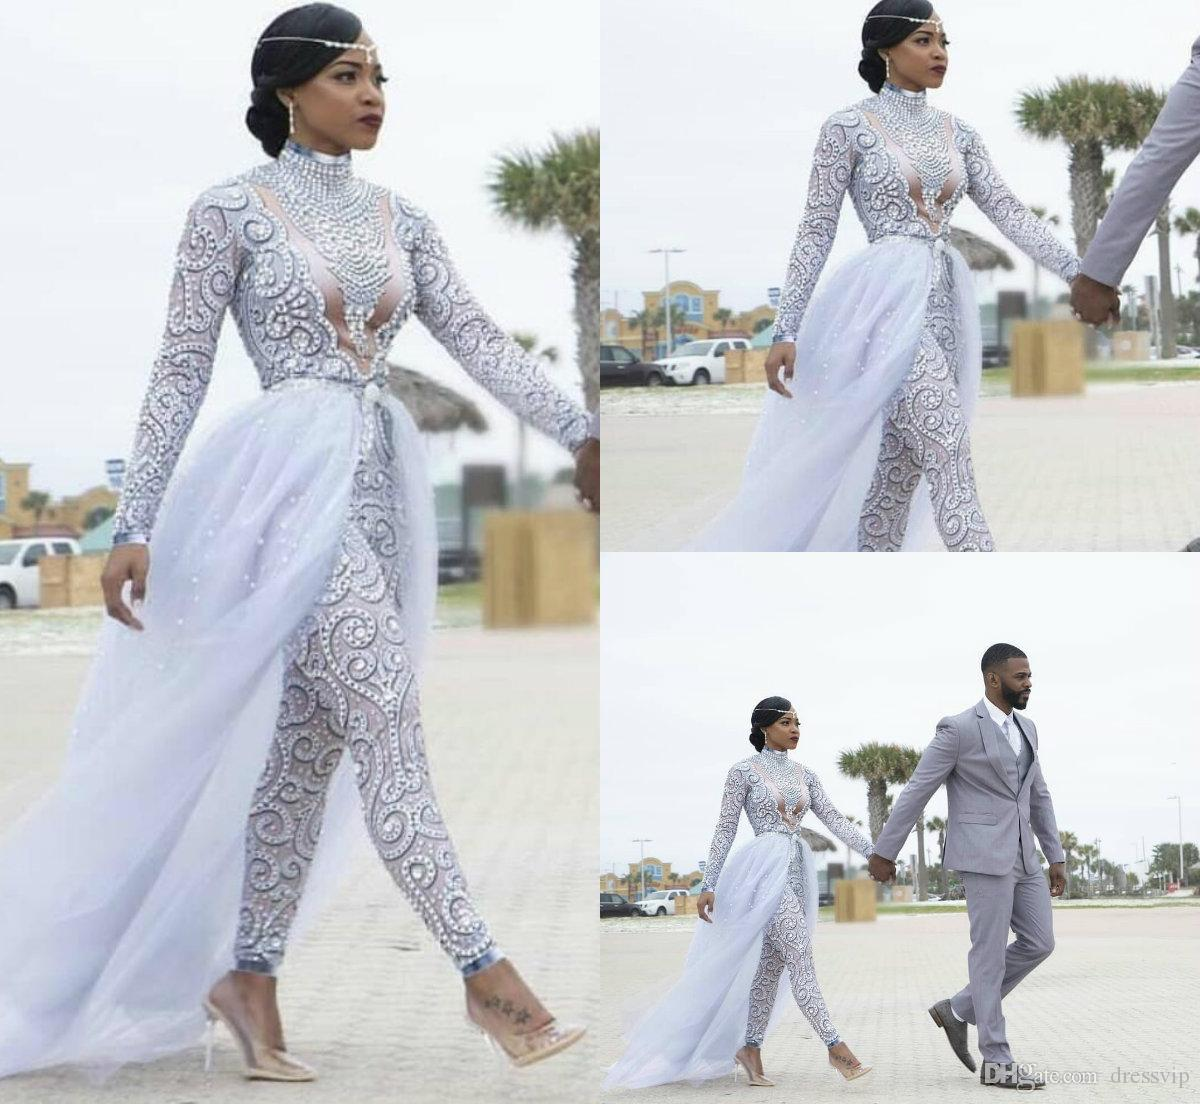 분리 가능한 기차 웨딩 드레스와 화려한 jumpsuits 높은 목 비즈 크리스탈 긴 소매 겸손 웨딩 드레스 아프리카 신부 가운